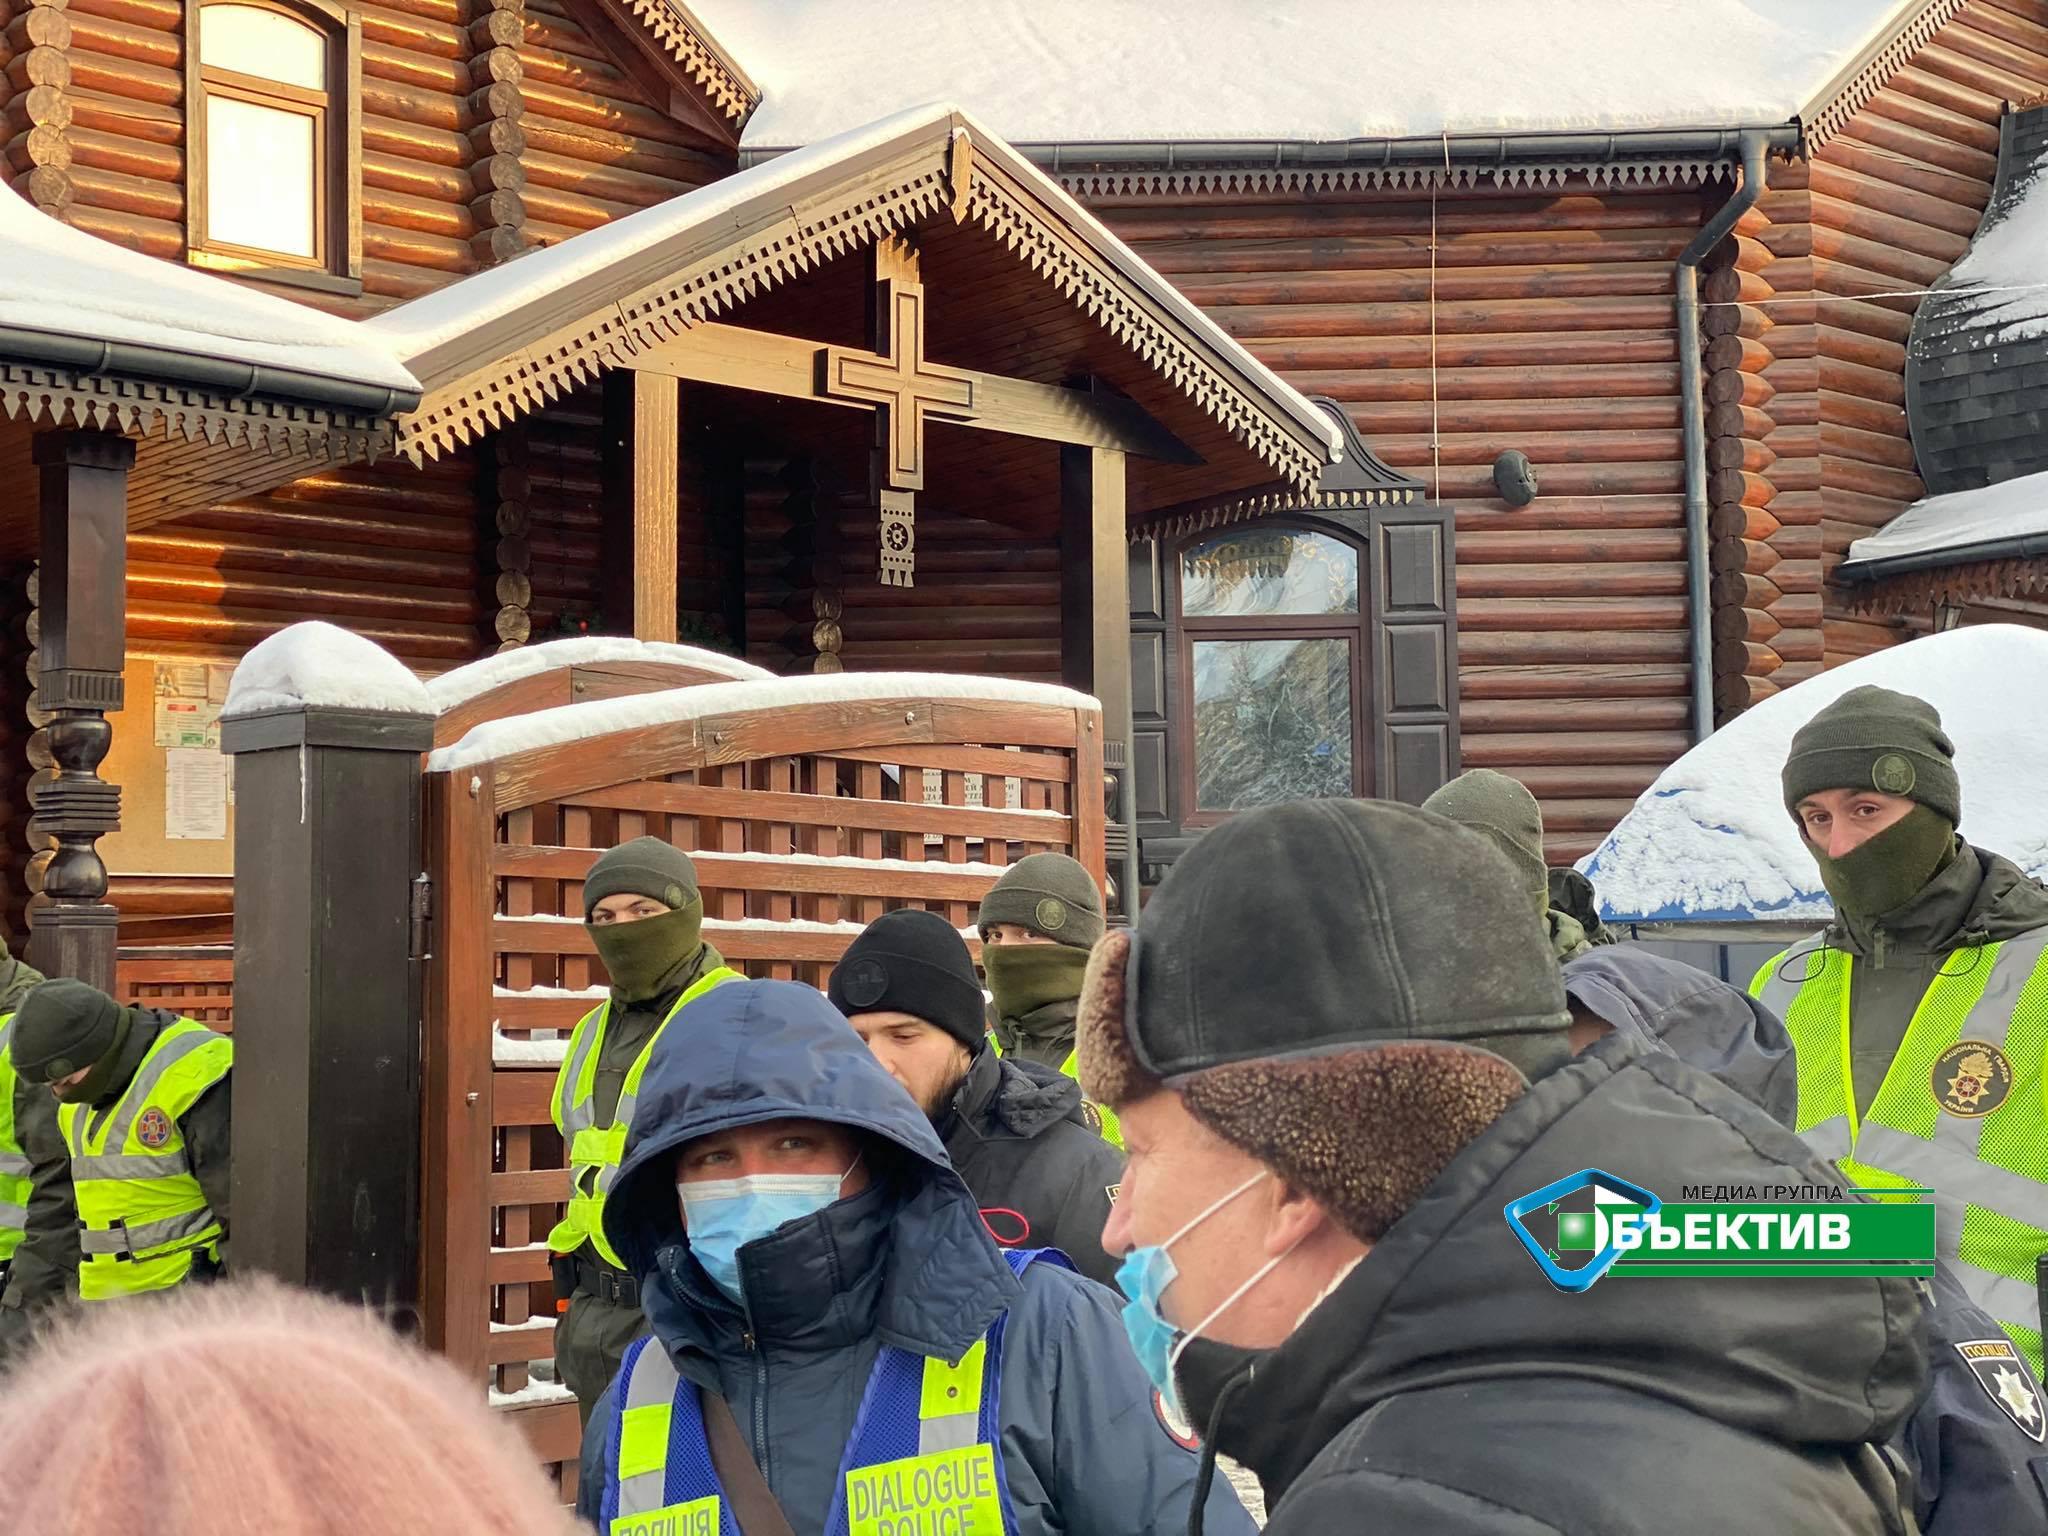 В Саржином Яру полицейские не пускают верующих в храм (видео, фото)